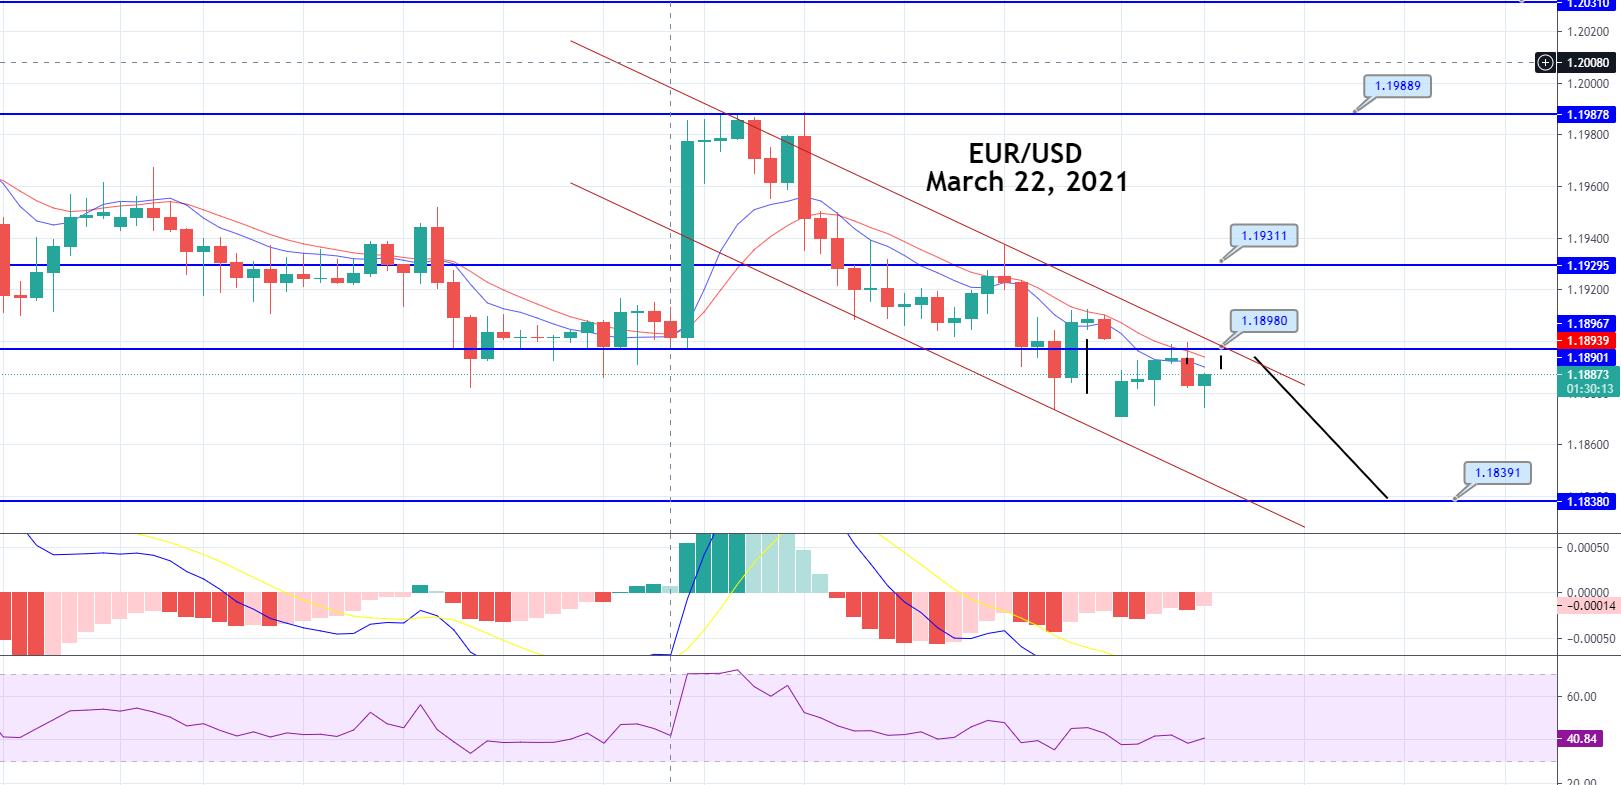 Breakout Segitiga EUR / USD - Apakah Saat Ini Saat Yang Tepat untuk Melakukan Short?